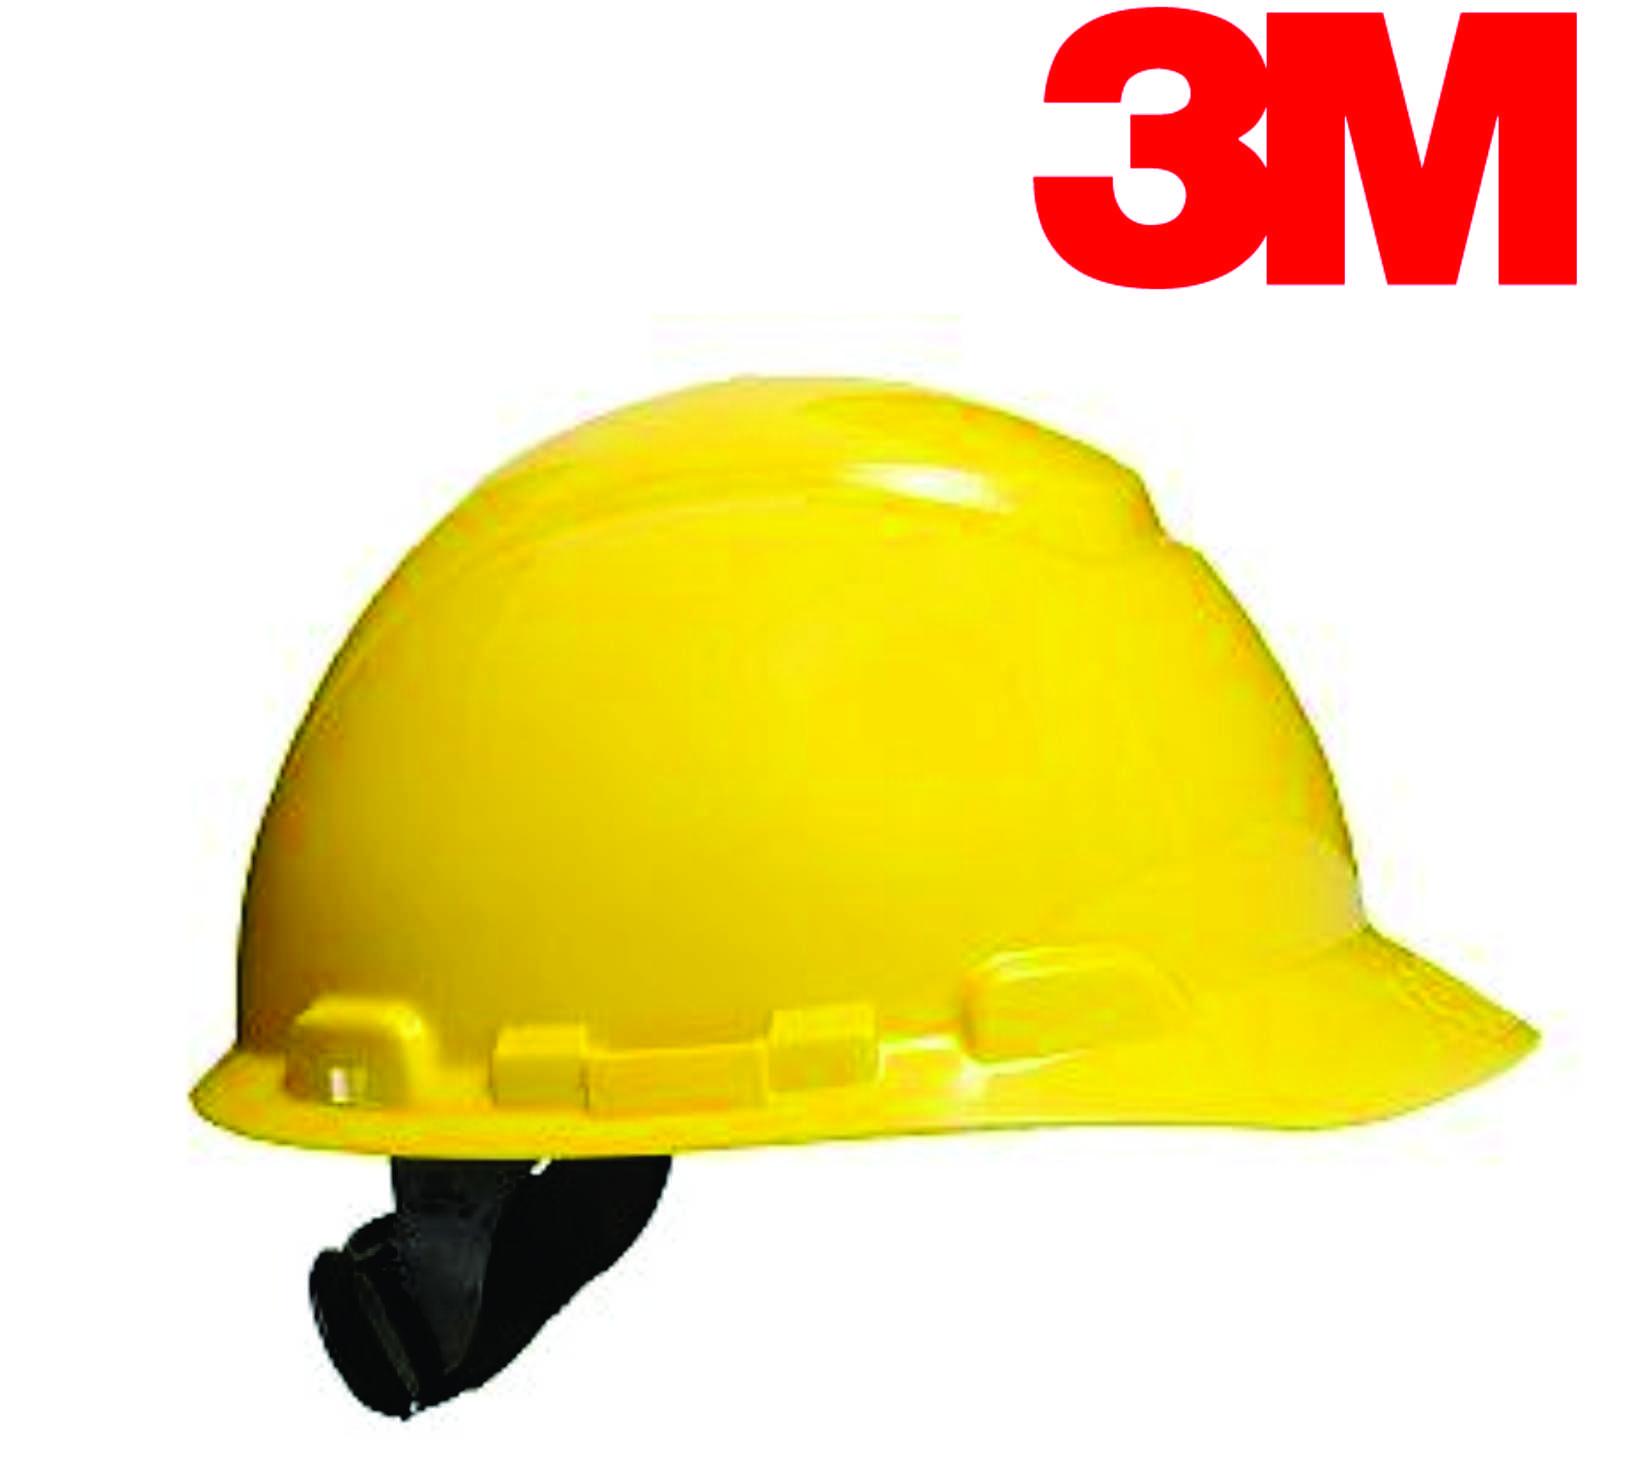 d2513e4b6d7e7 CAPACETE H-700 COM CATRACA – MARCA 3M – CA 29638 – Suzano EPI